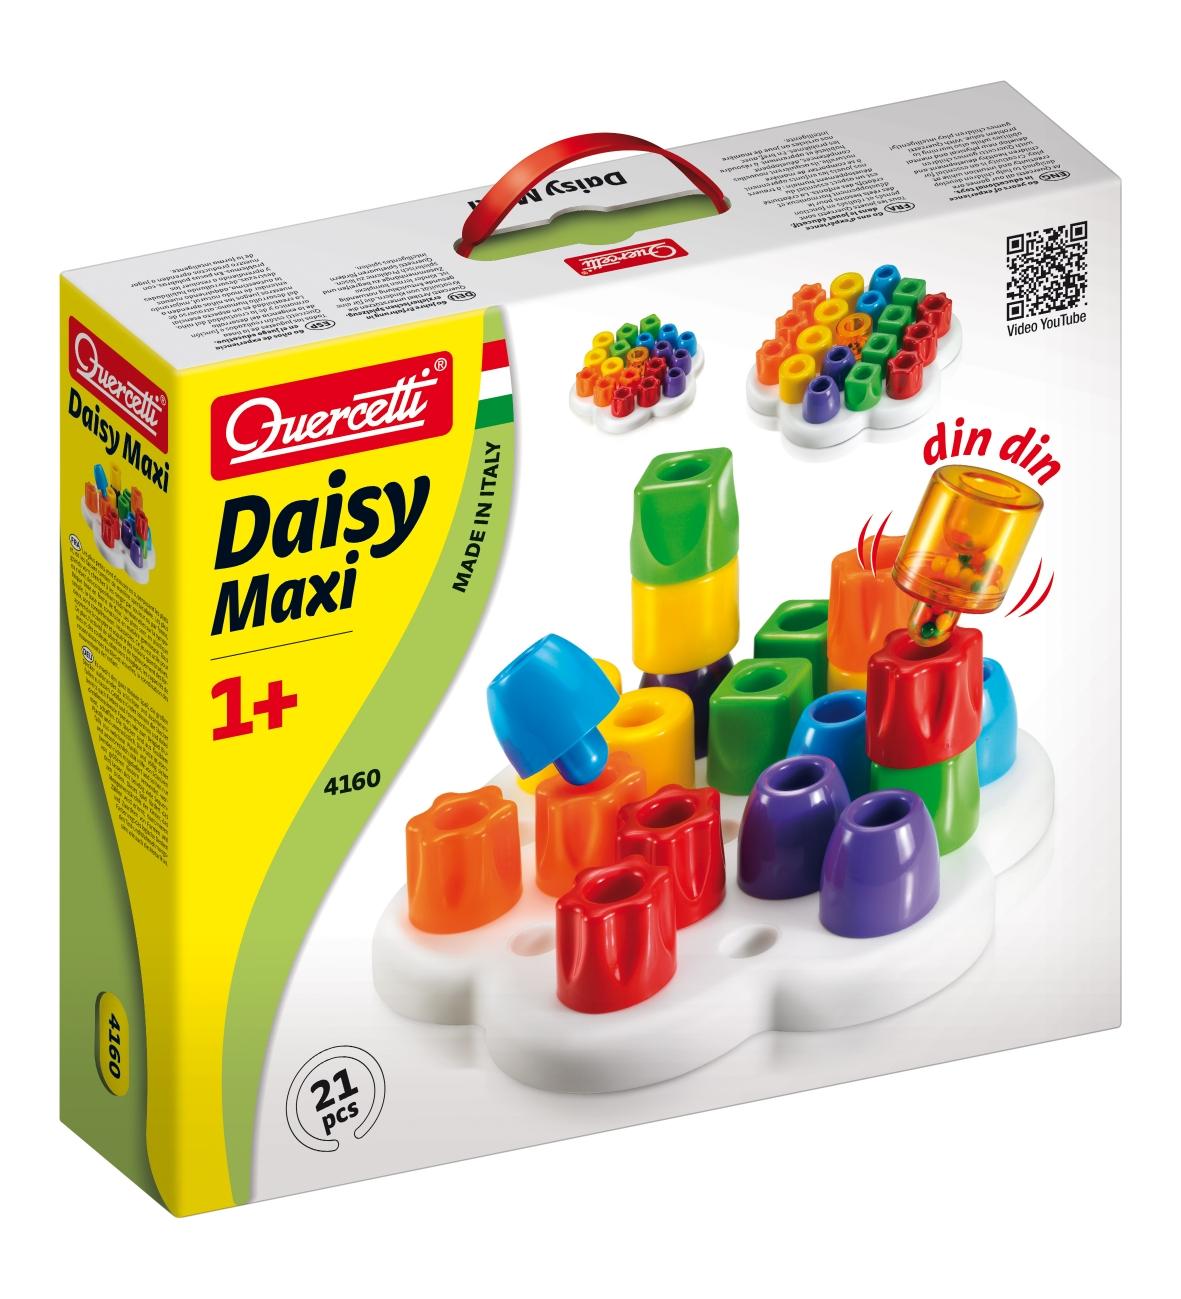 Quercetti Daisy Maxi 21 ks 4160